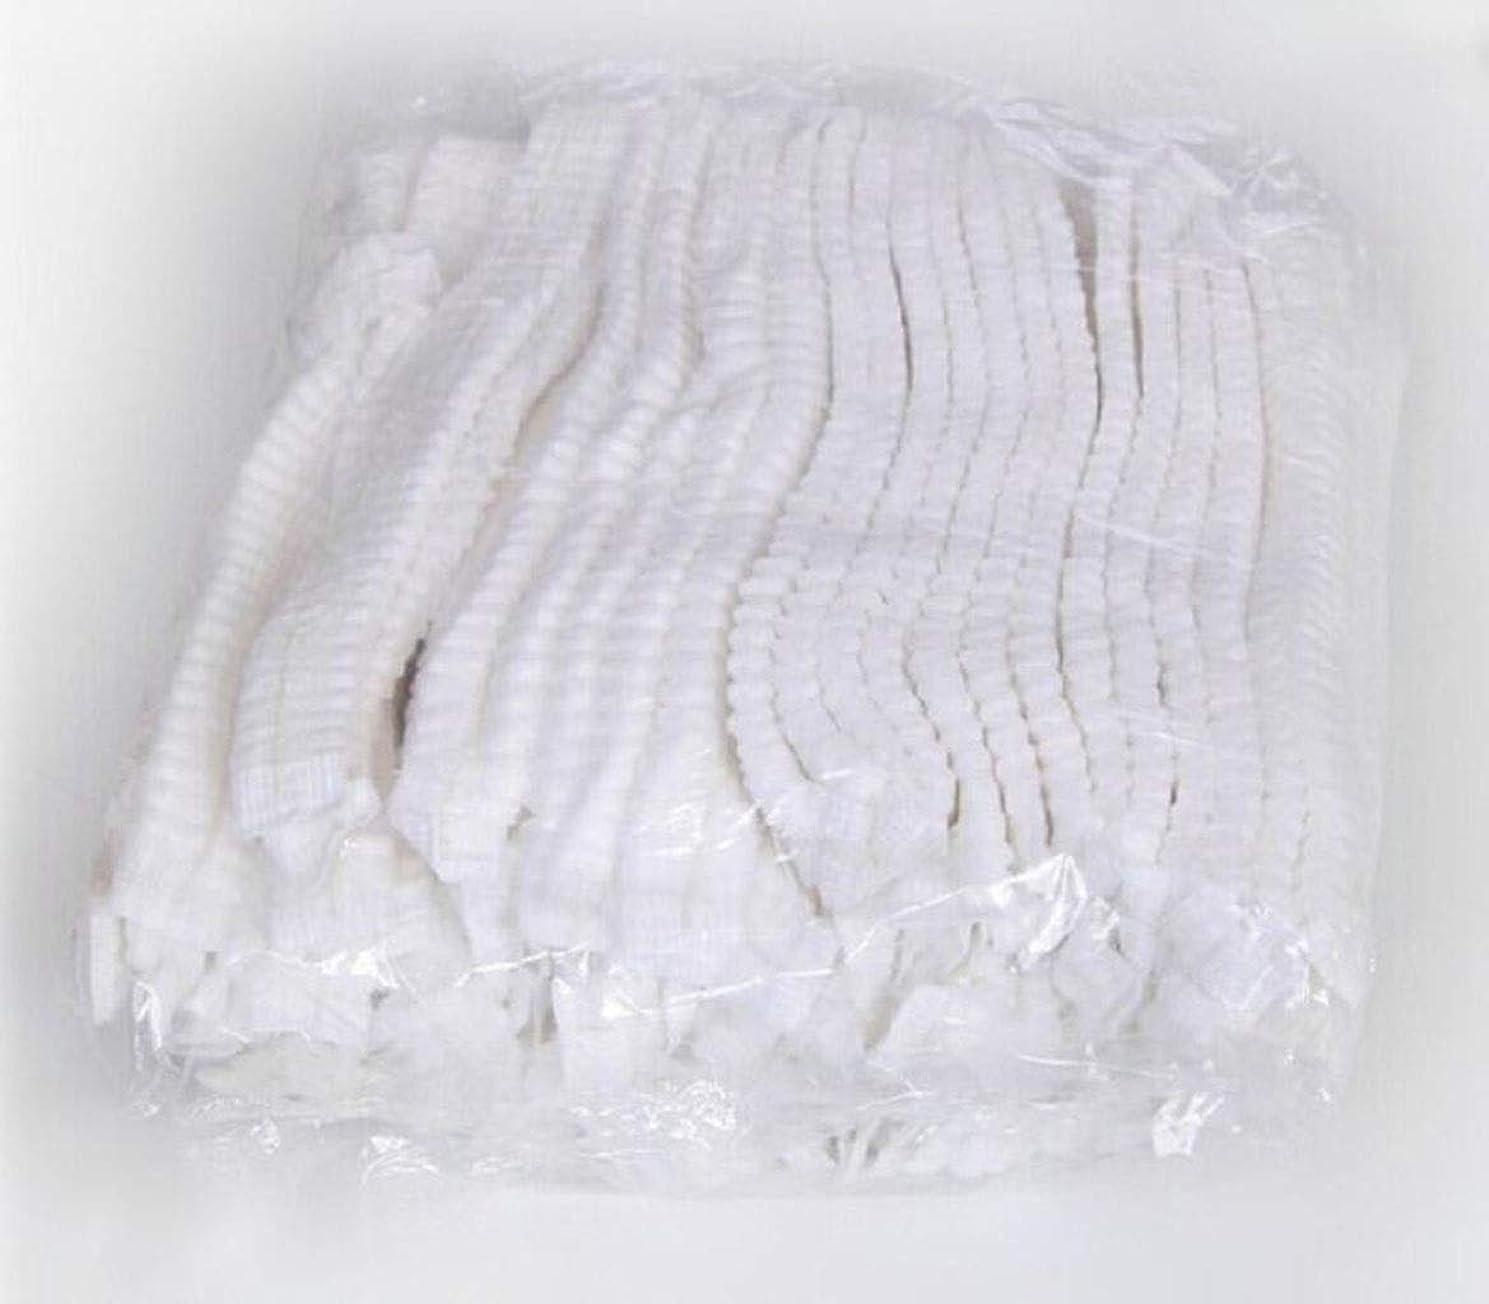 膜パートナー留まる食品産業病院に適した使い捨て不織布帽子防塵ラウンドハットストリップブルーメッシュハット(300) (Color : White)